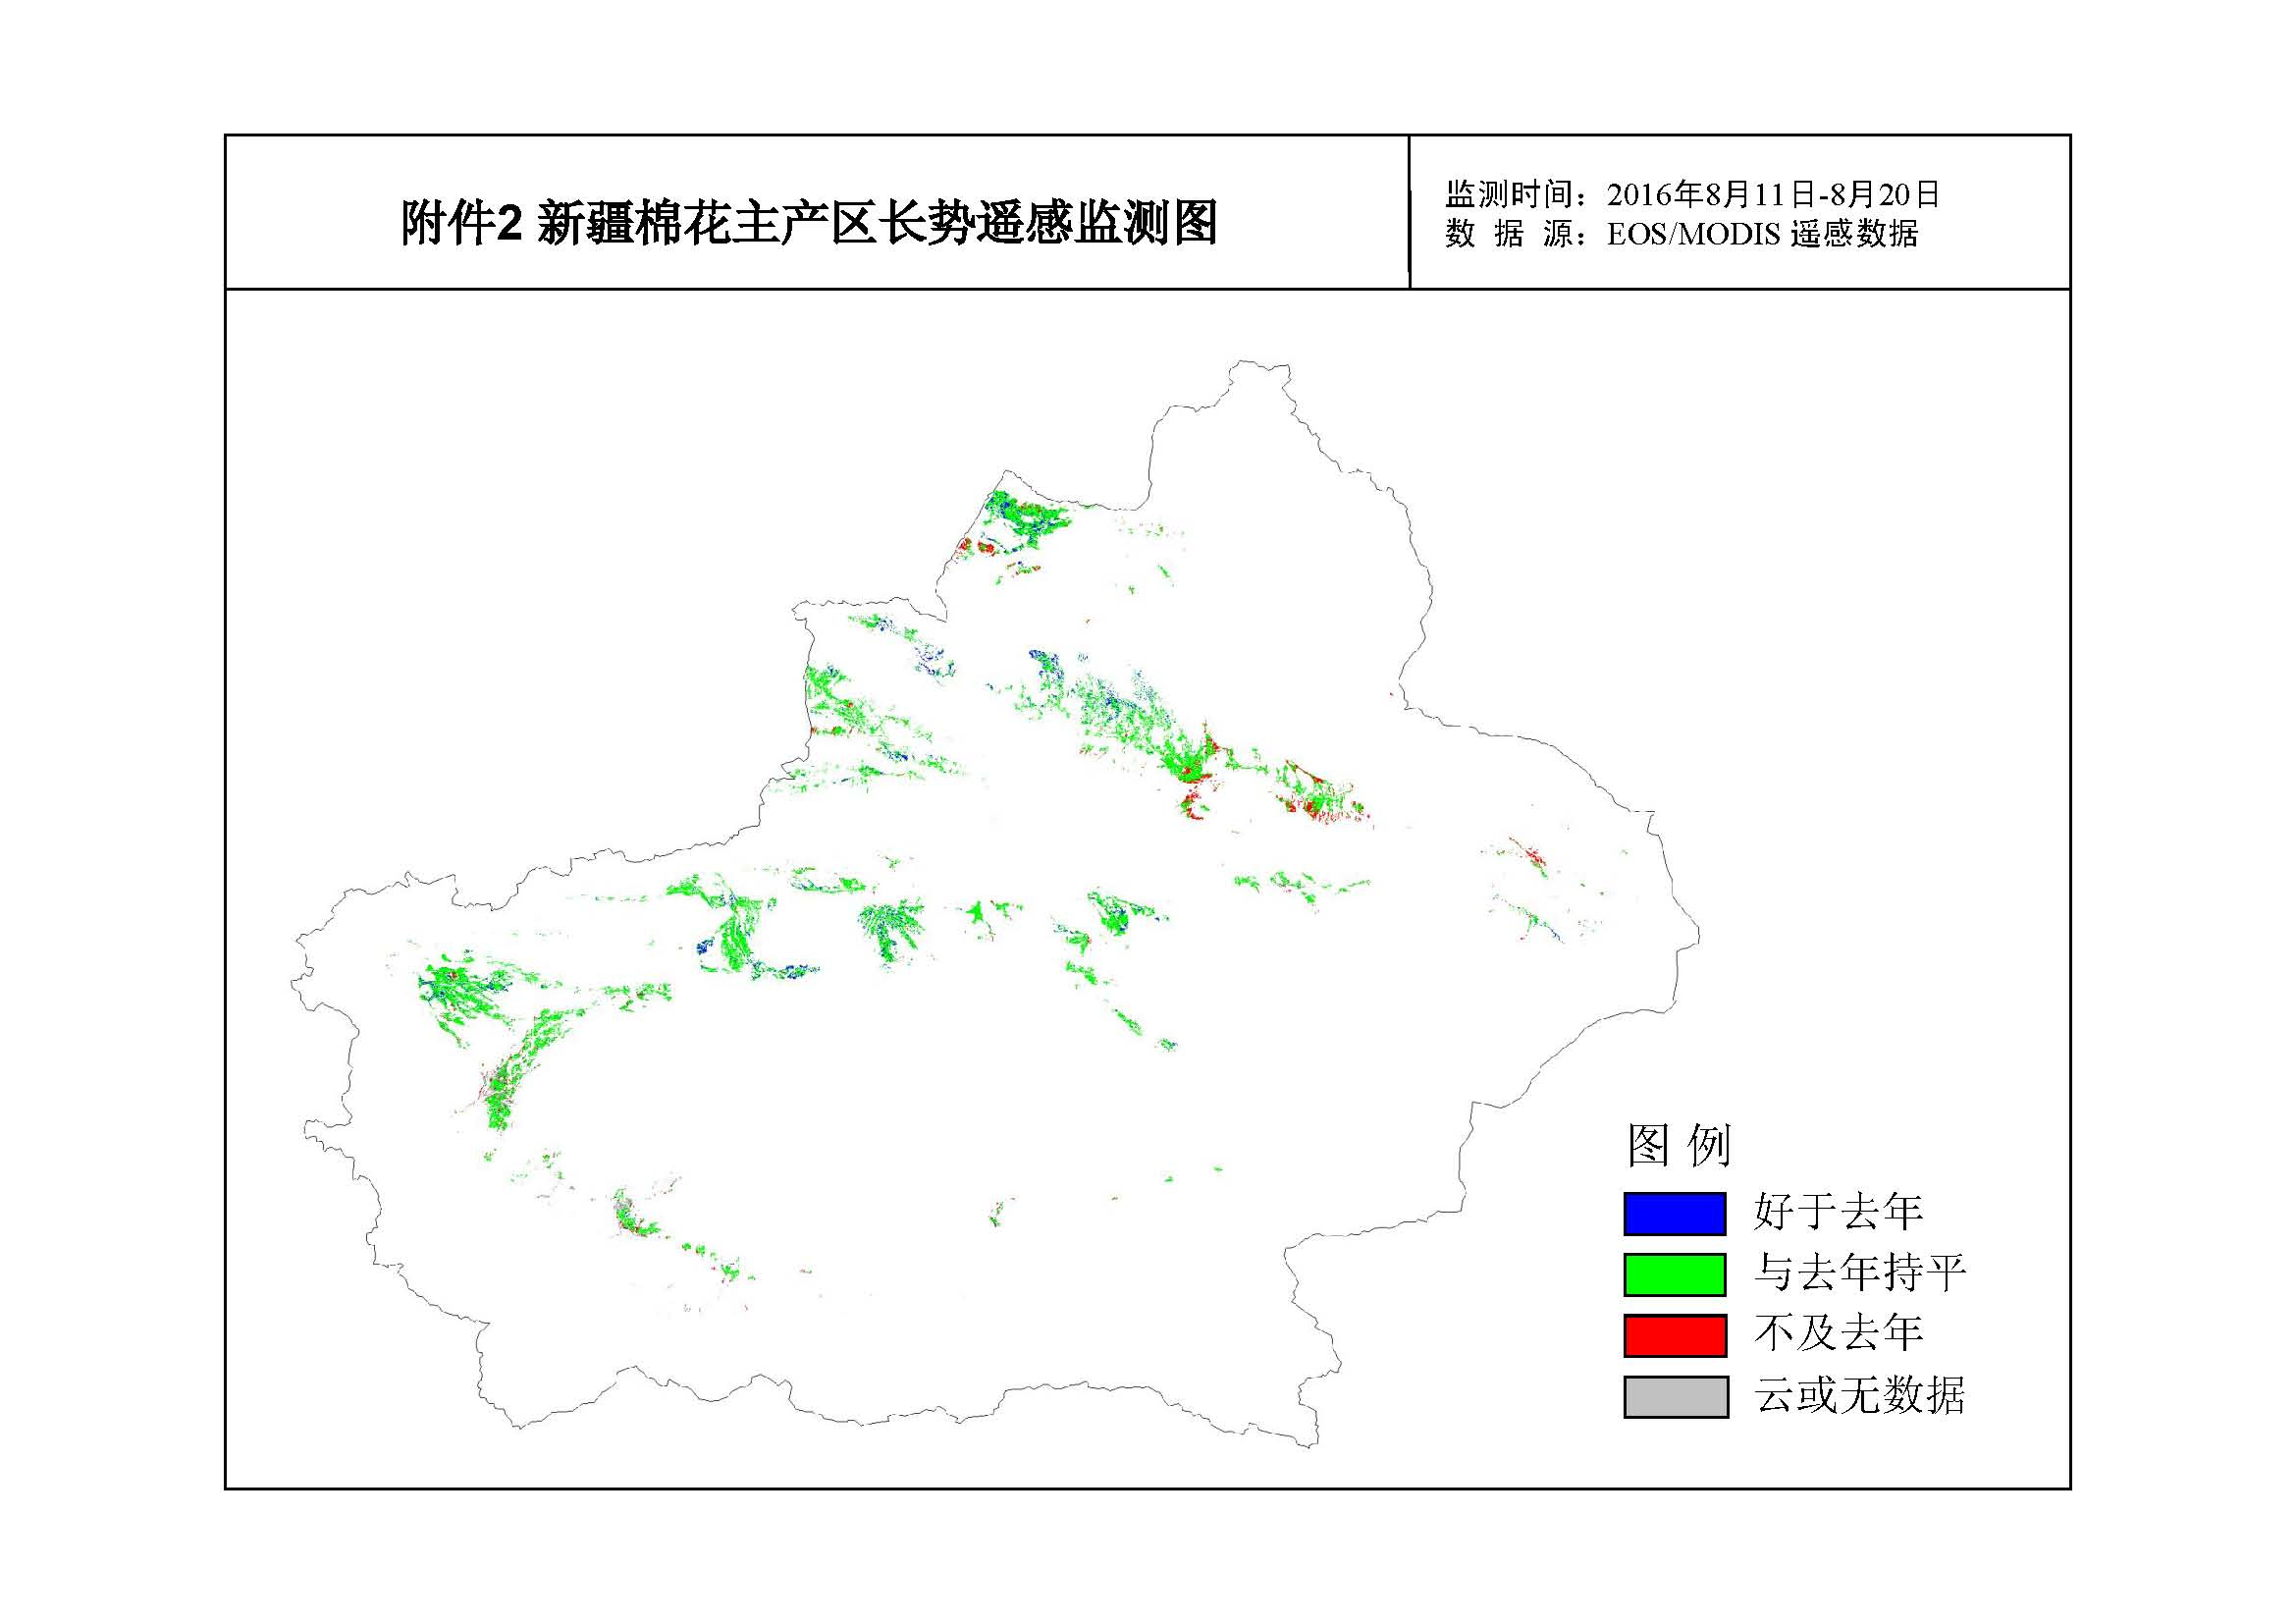 南疆环塔里木盆地北部等局部地区